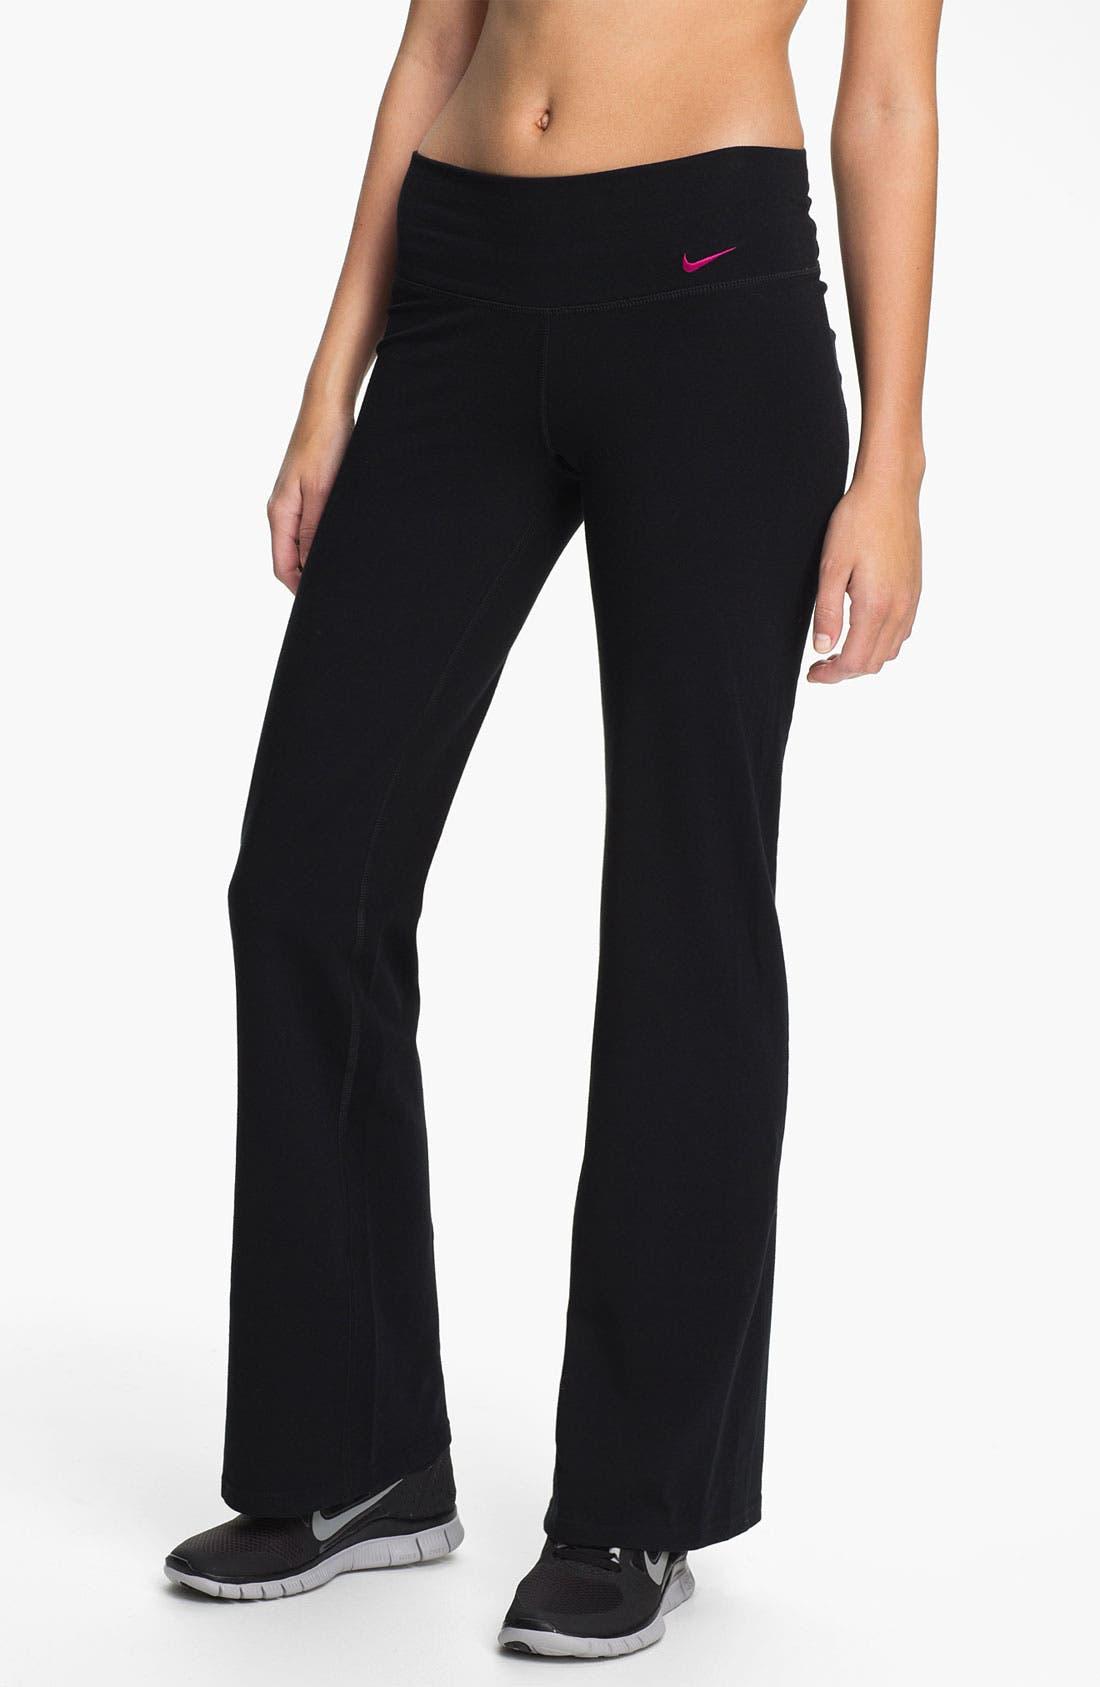 Alternate Image 1 Selected - Nike 'Regular Fit' Dri-FIT Pants